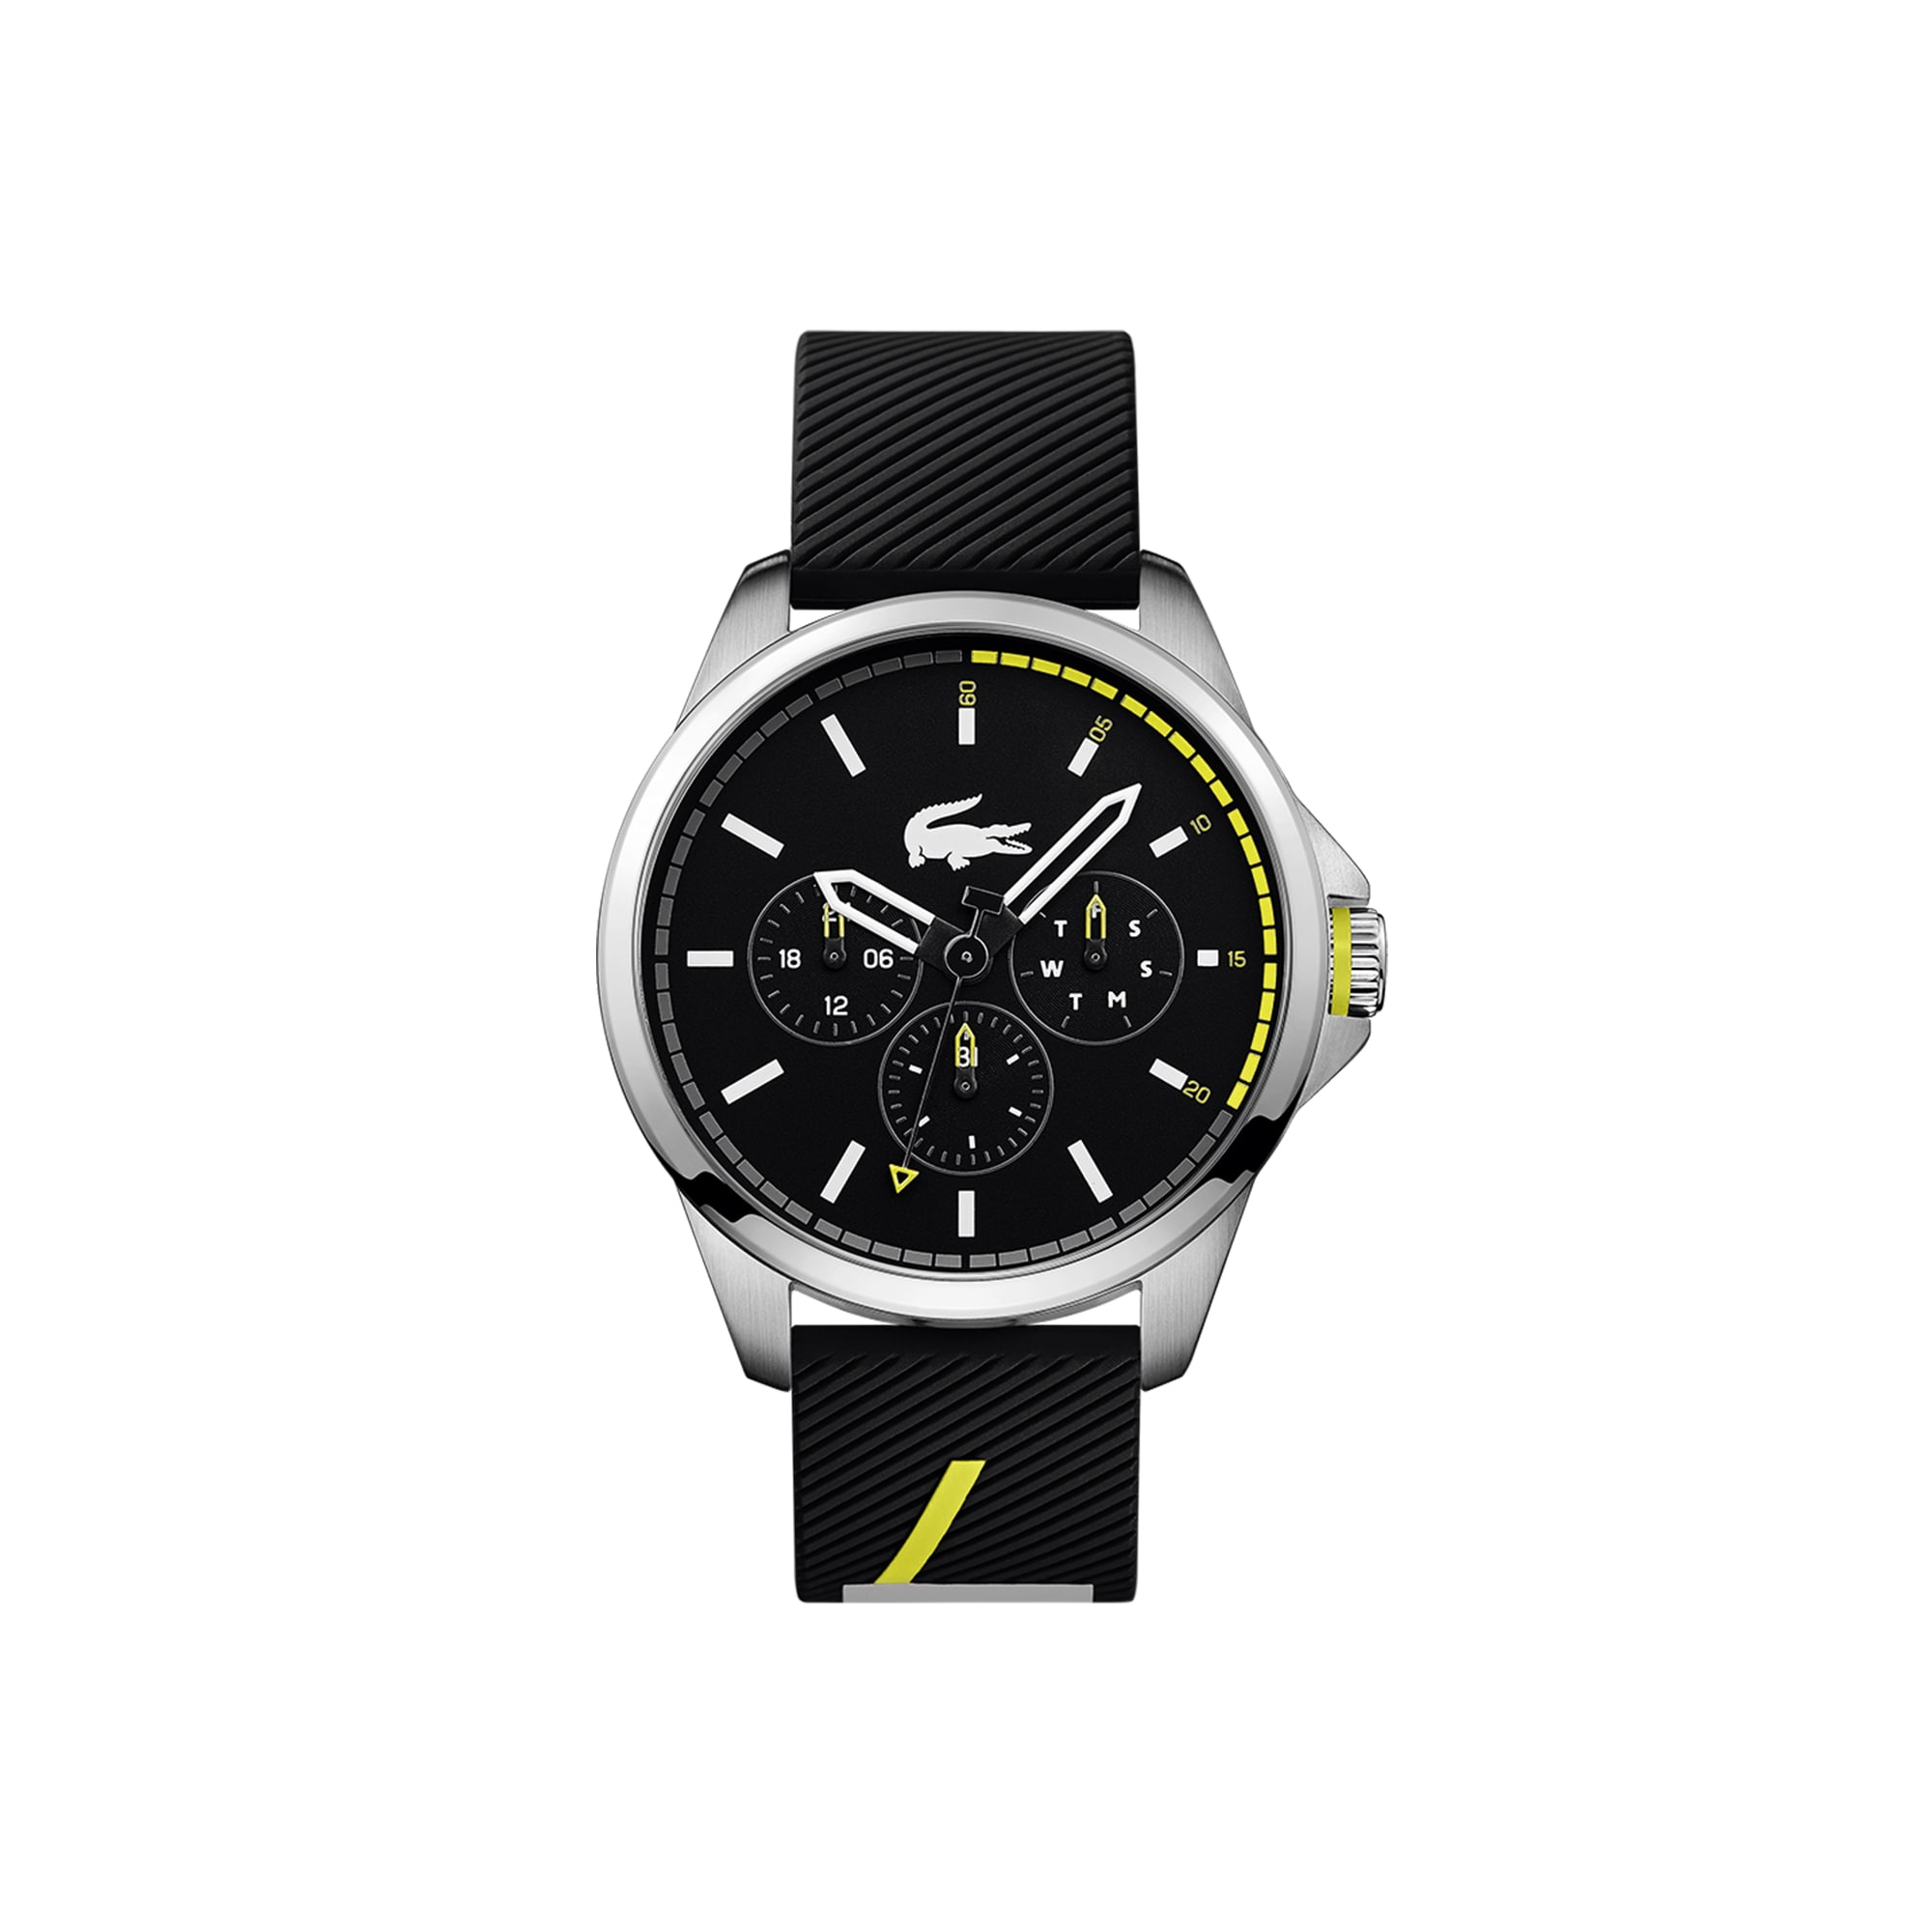 Relógio multifunções Capbreton de homem com bracelete de silicone preta